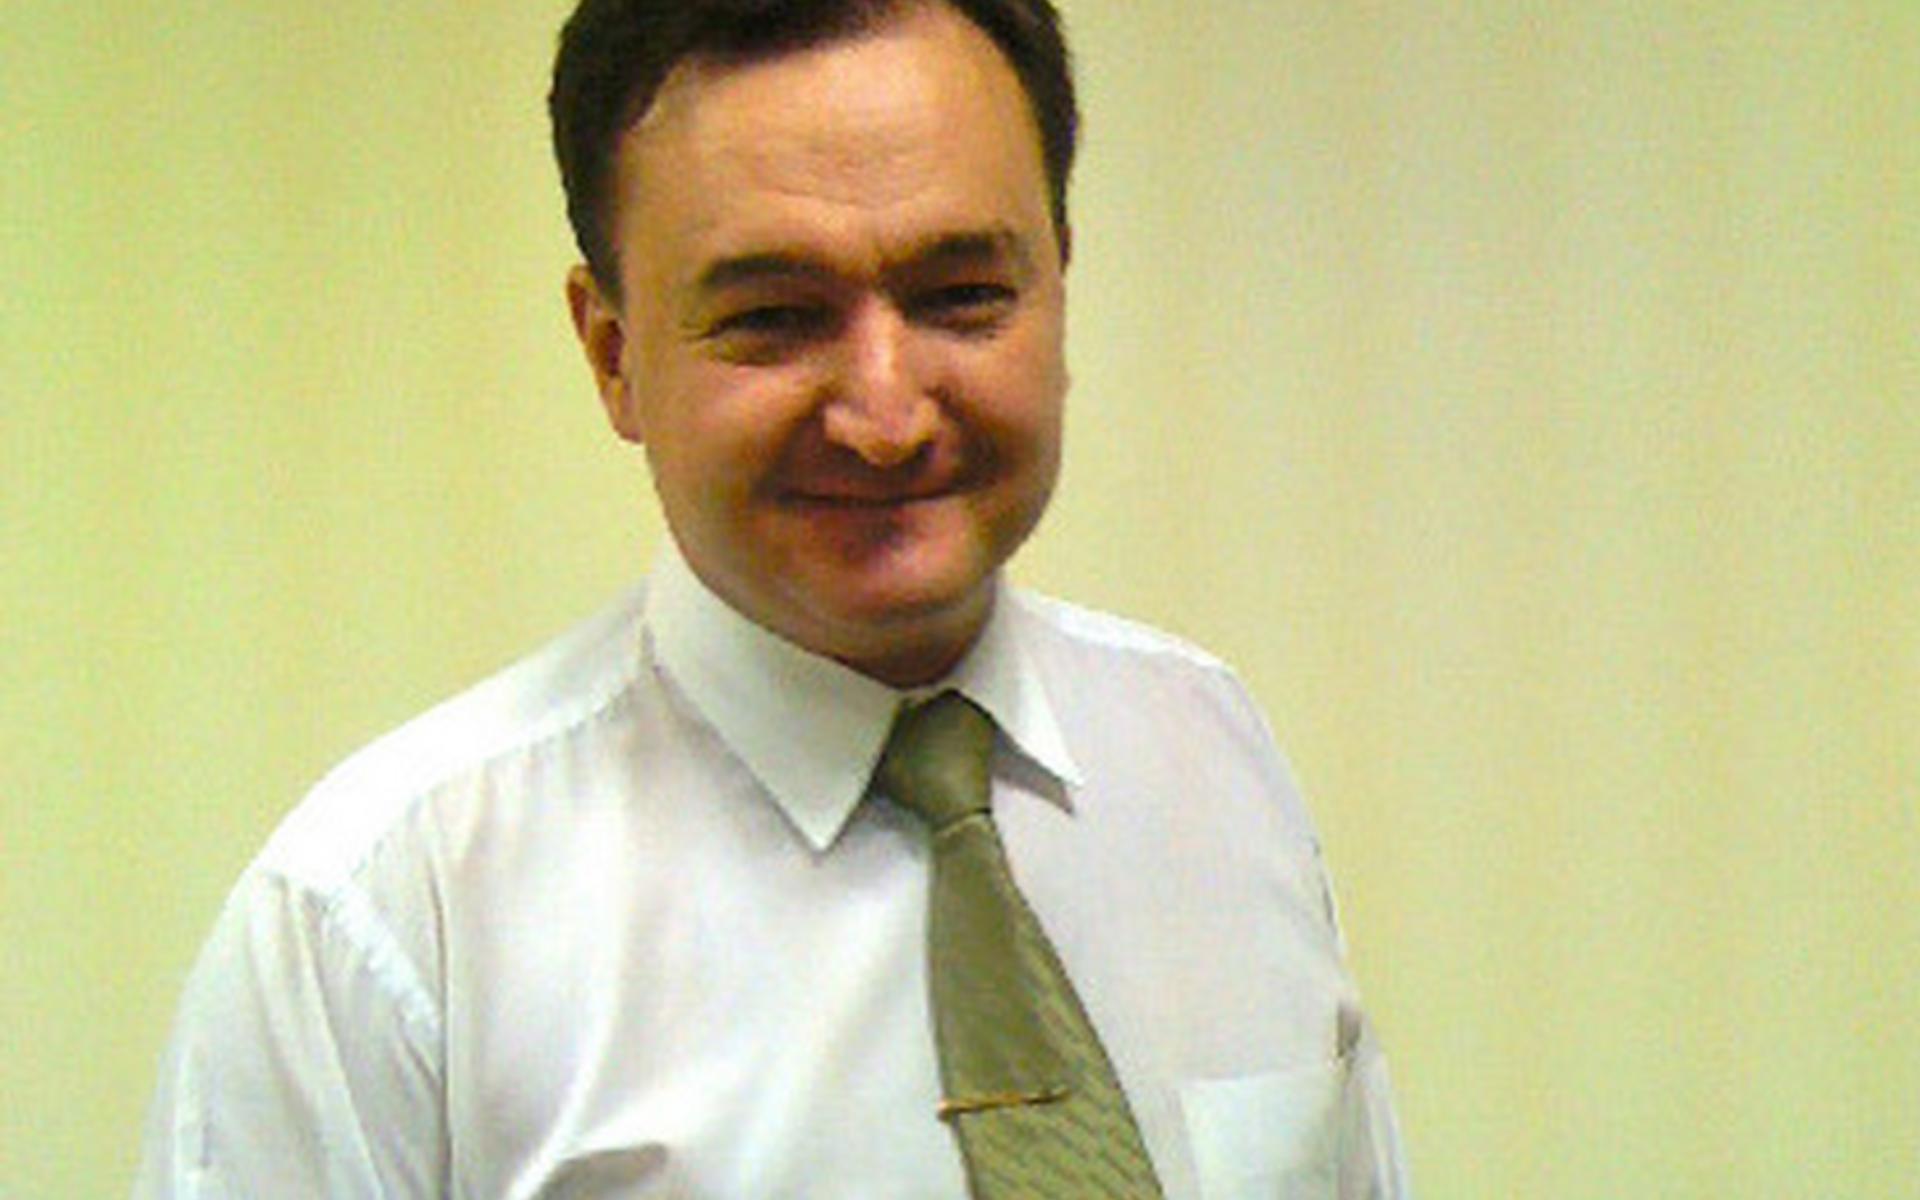 Убитый в тюрьме Сергей Магнитский. Фото: novayagazeta.ru